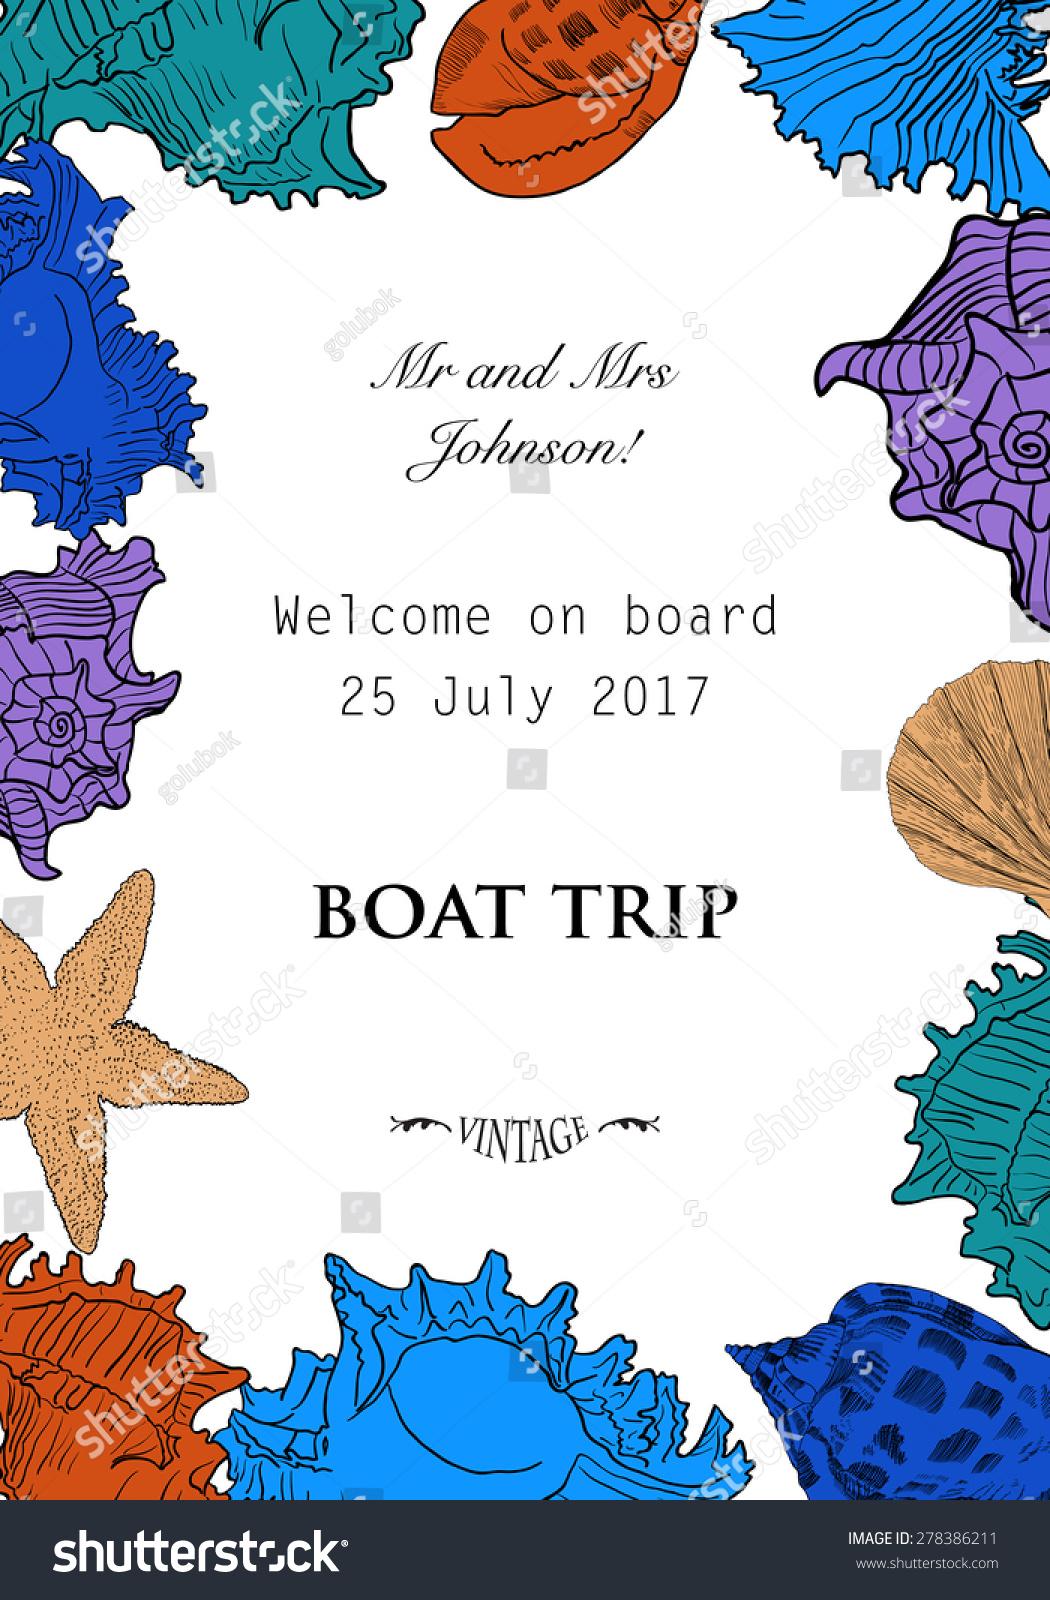 彩色插图旅游卡